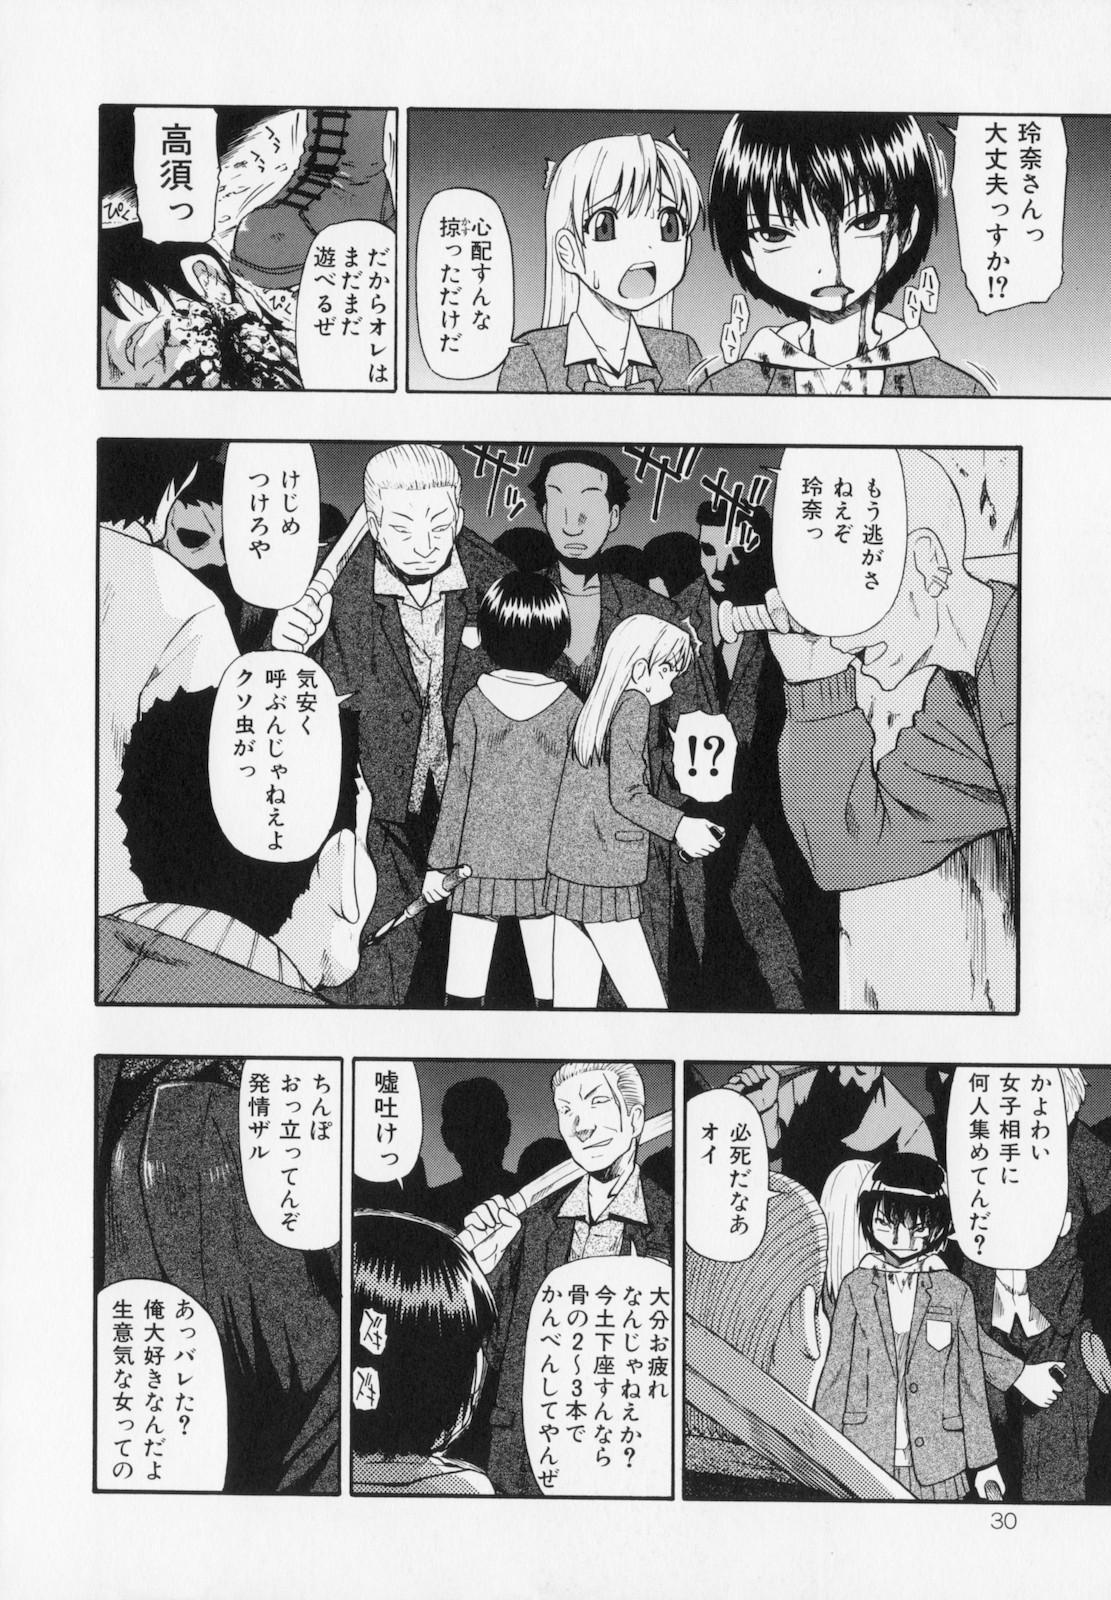 Hitodenashi no Utage - Veranstaltungsräume von Brute 31